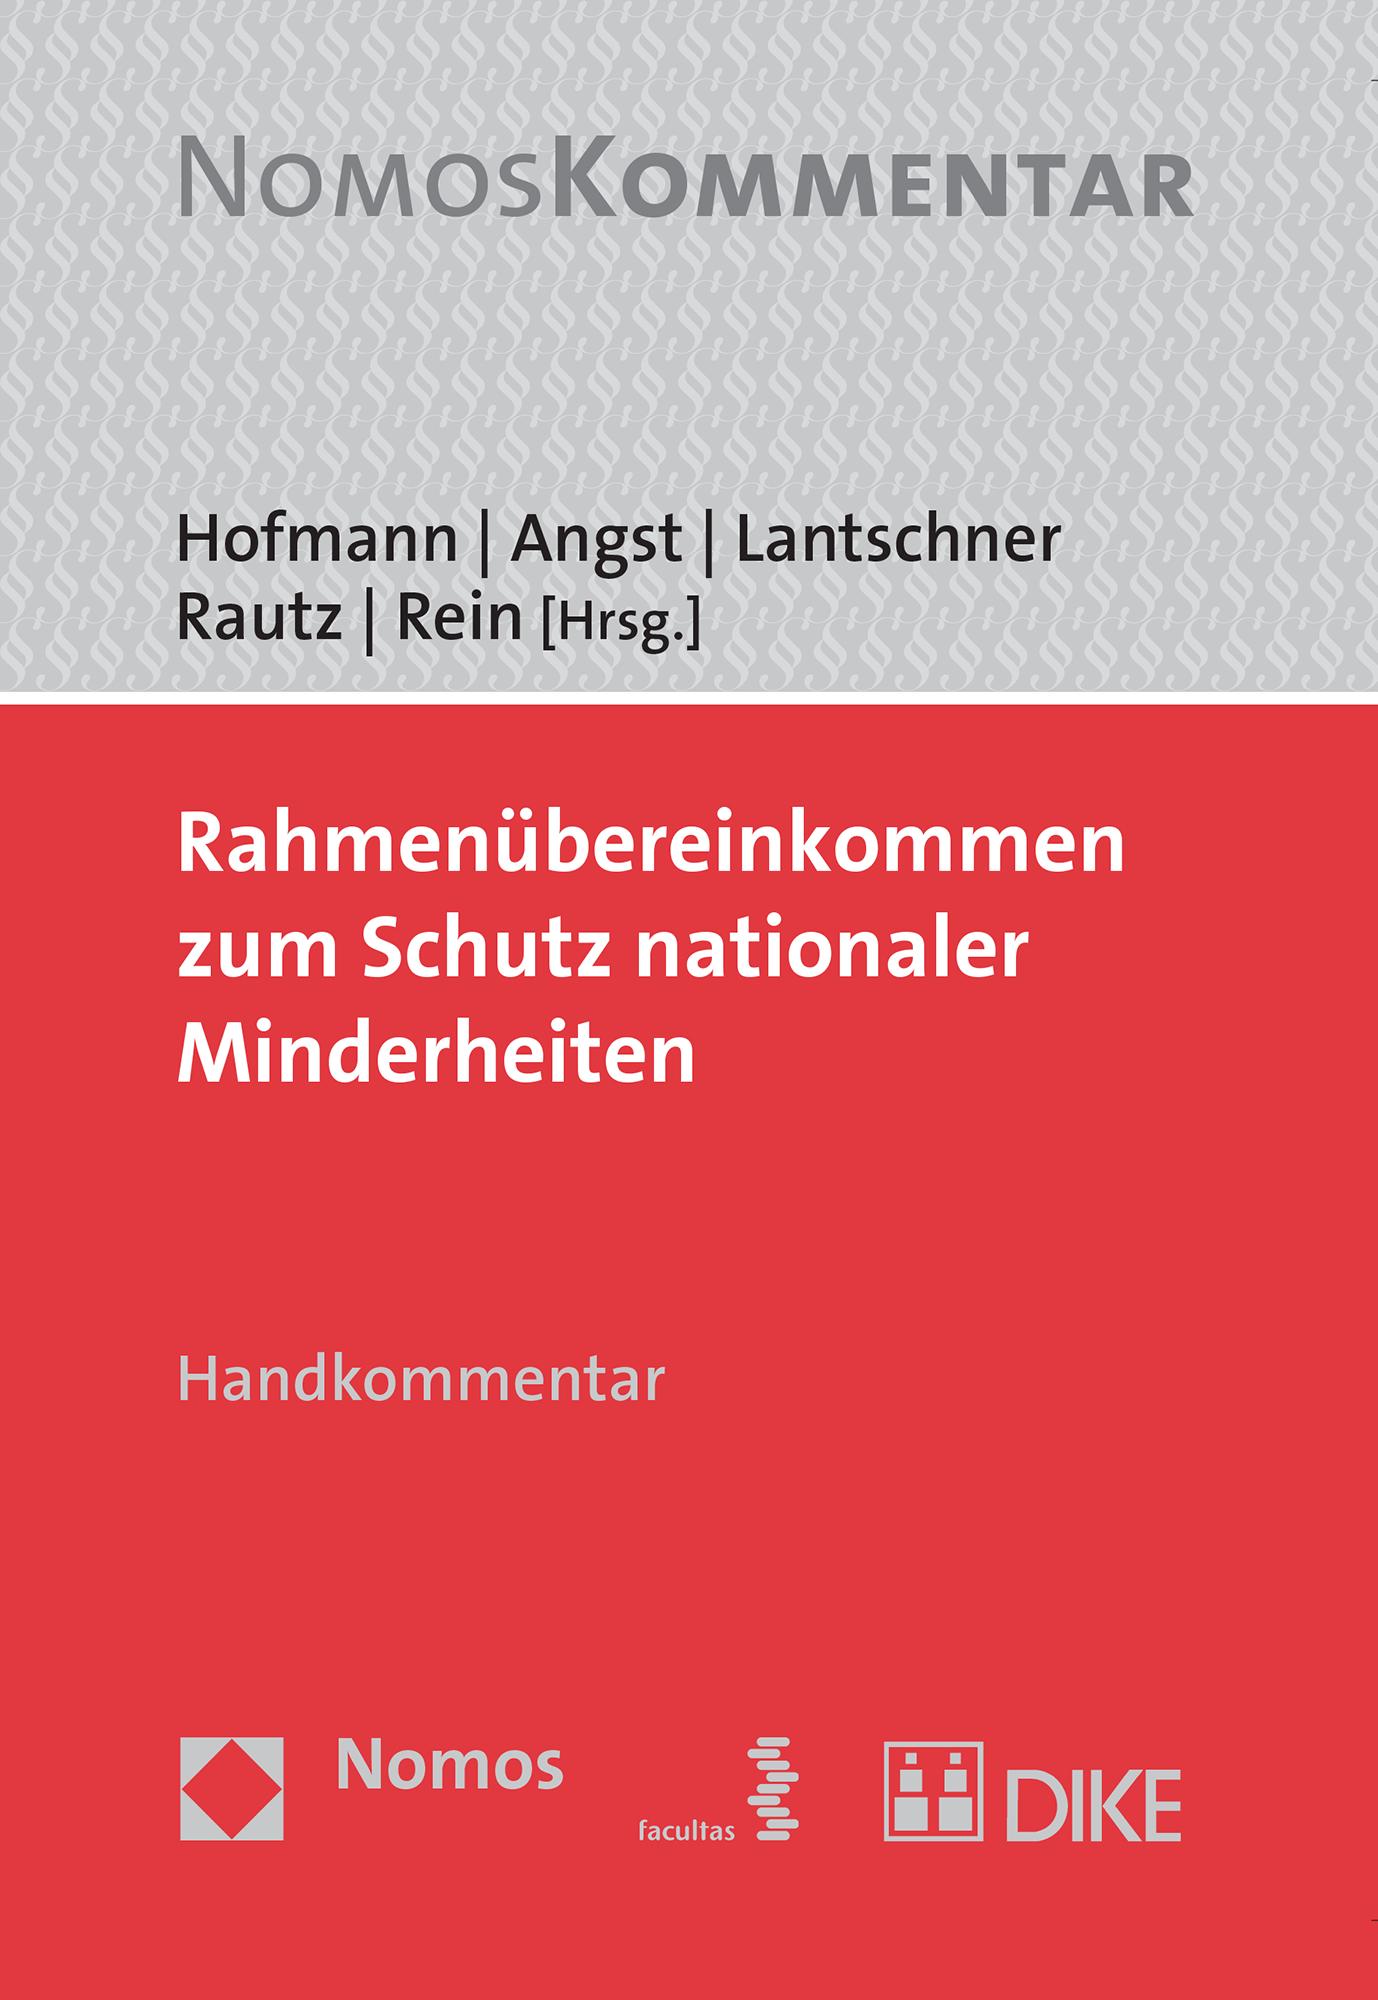 Rahmenübereinkommen zum Schutz nationaler Minderheiten